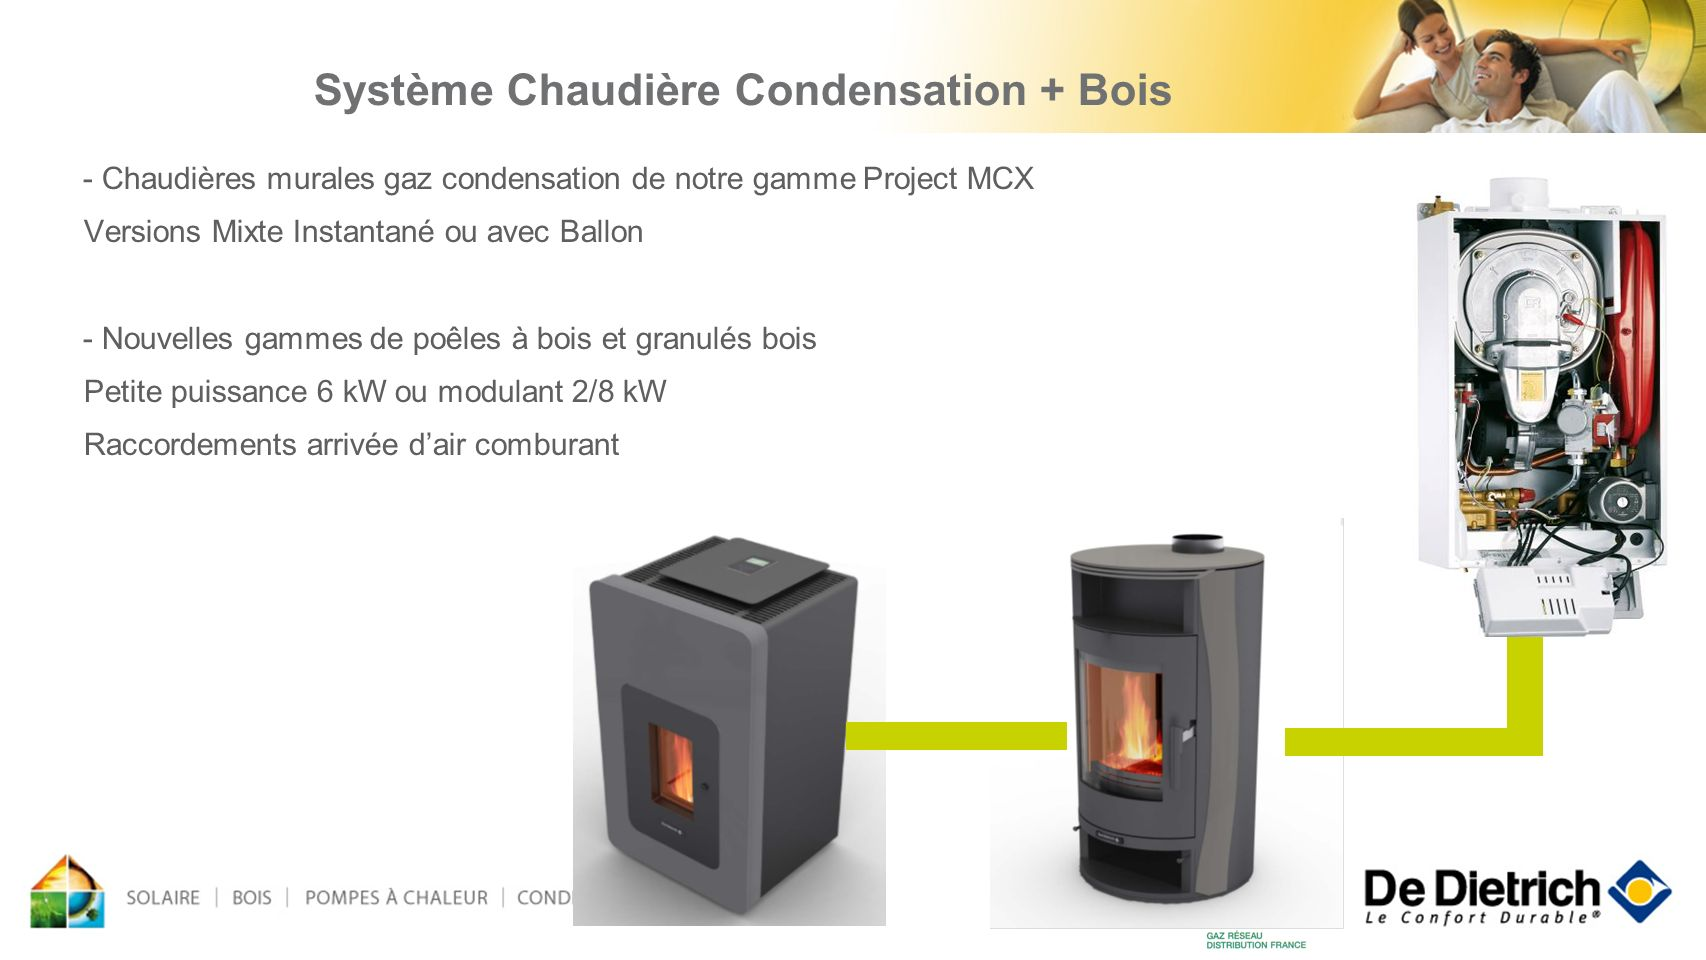 - Chaudières murales gaz condensation de notre gamme Project MCX Versions Mixte Instantané ou avec Ballon - Nouvelles gammes de poêles à bois et granu